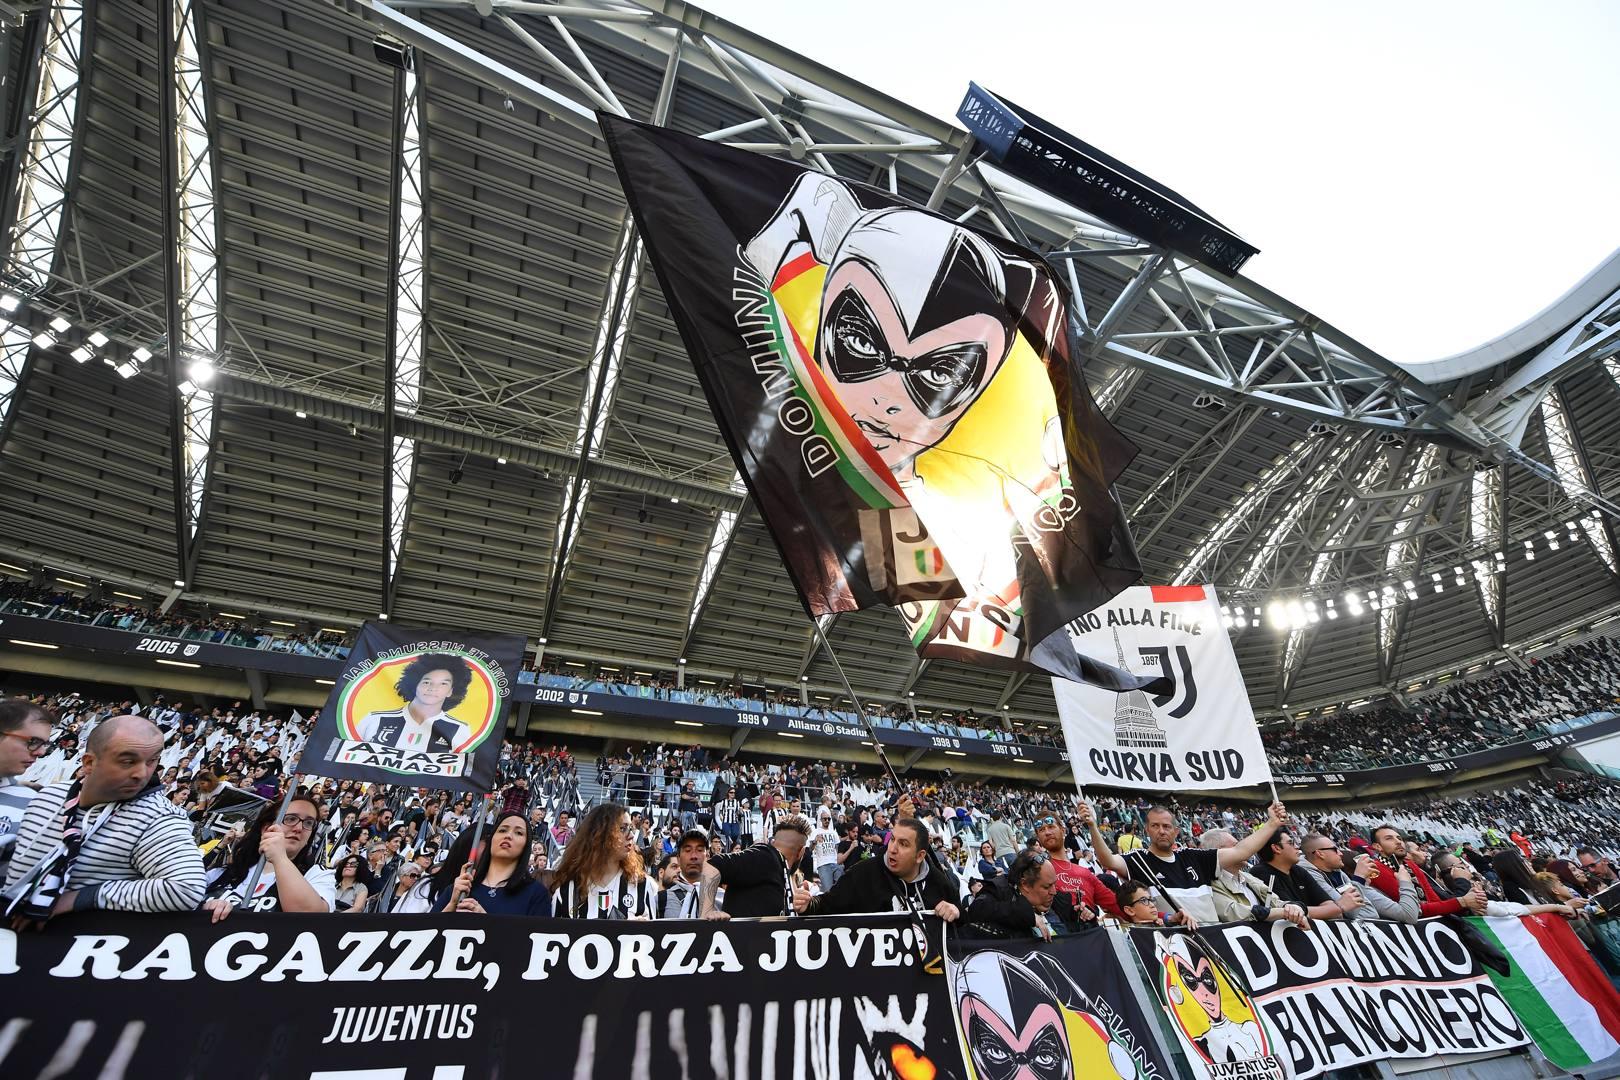 La Curva Sud pronta a sostenere la Juventus nella sfida per lo scudetto femminile con la Fiorentina. Getty